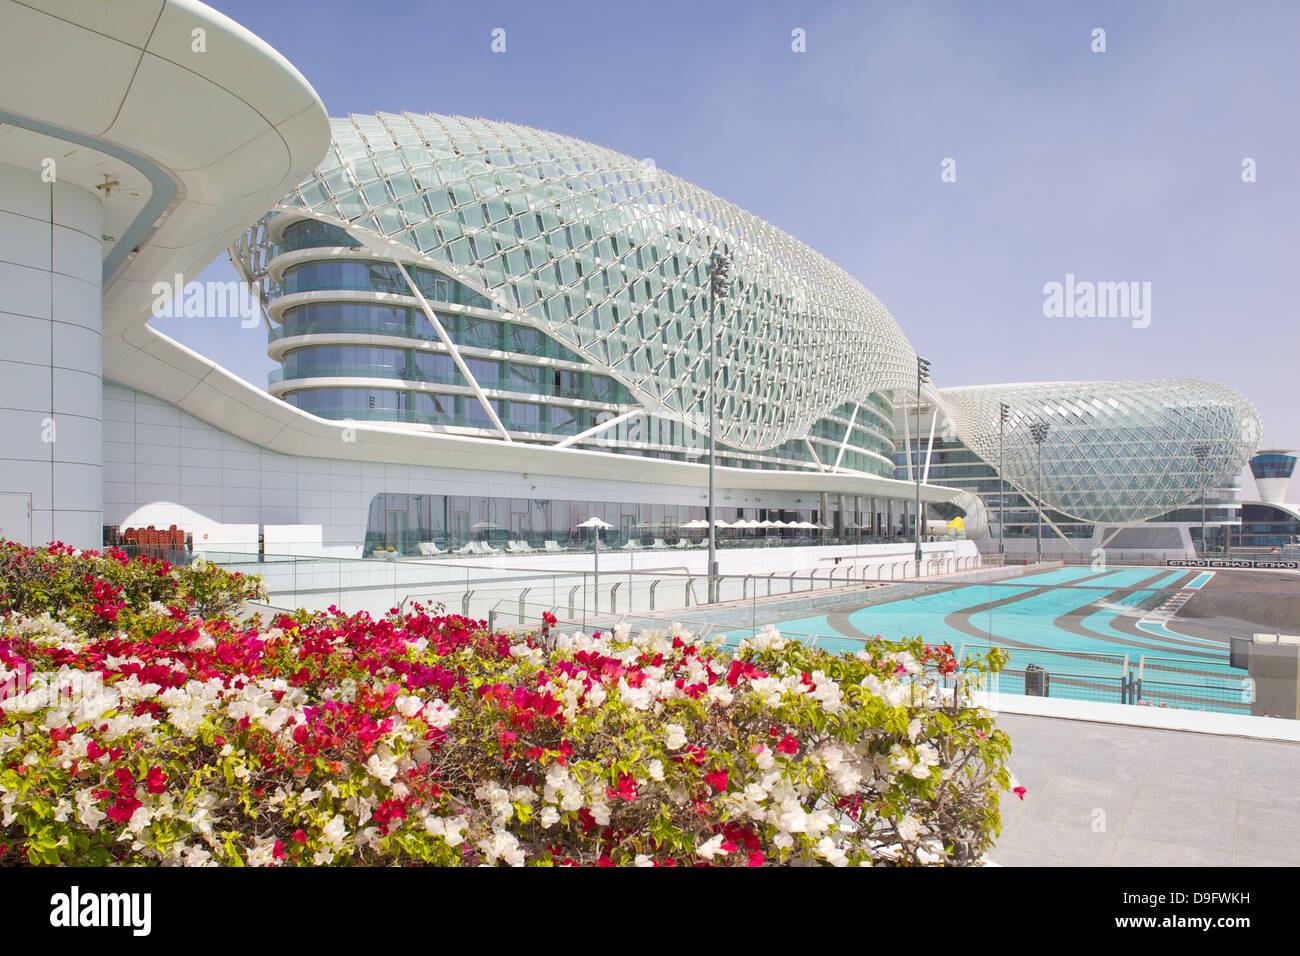 Viceroy Hotel and Formula 1 Racetrack, Yas Island, Abu Dhabi, United Arab Emirates, Middle East - Stock Image